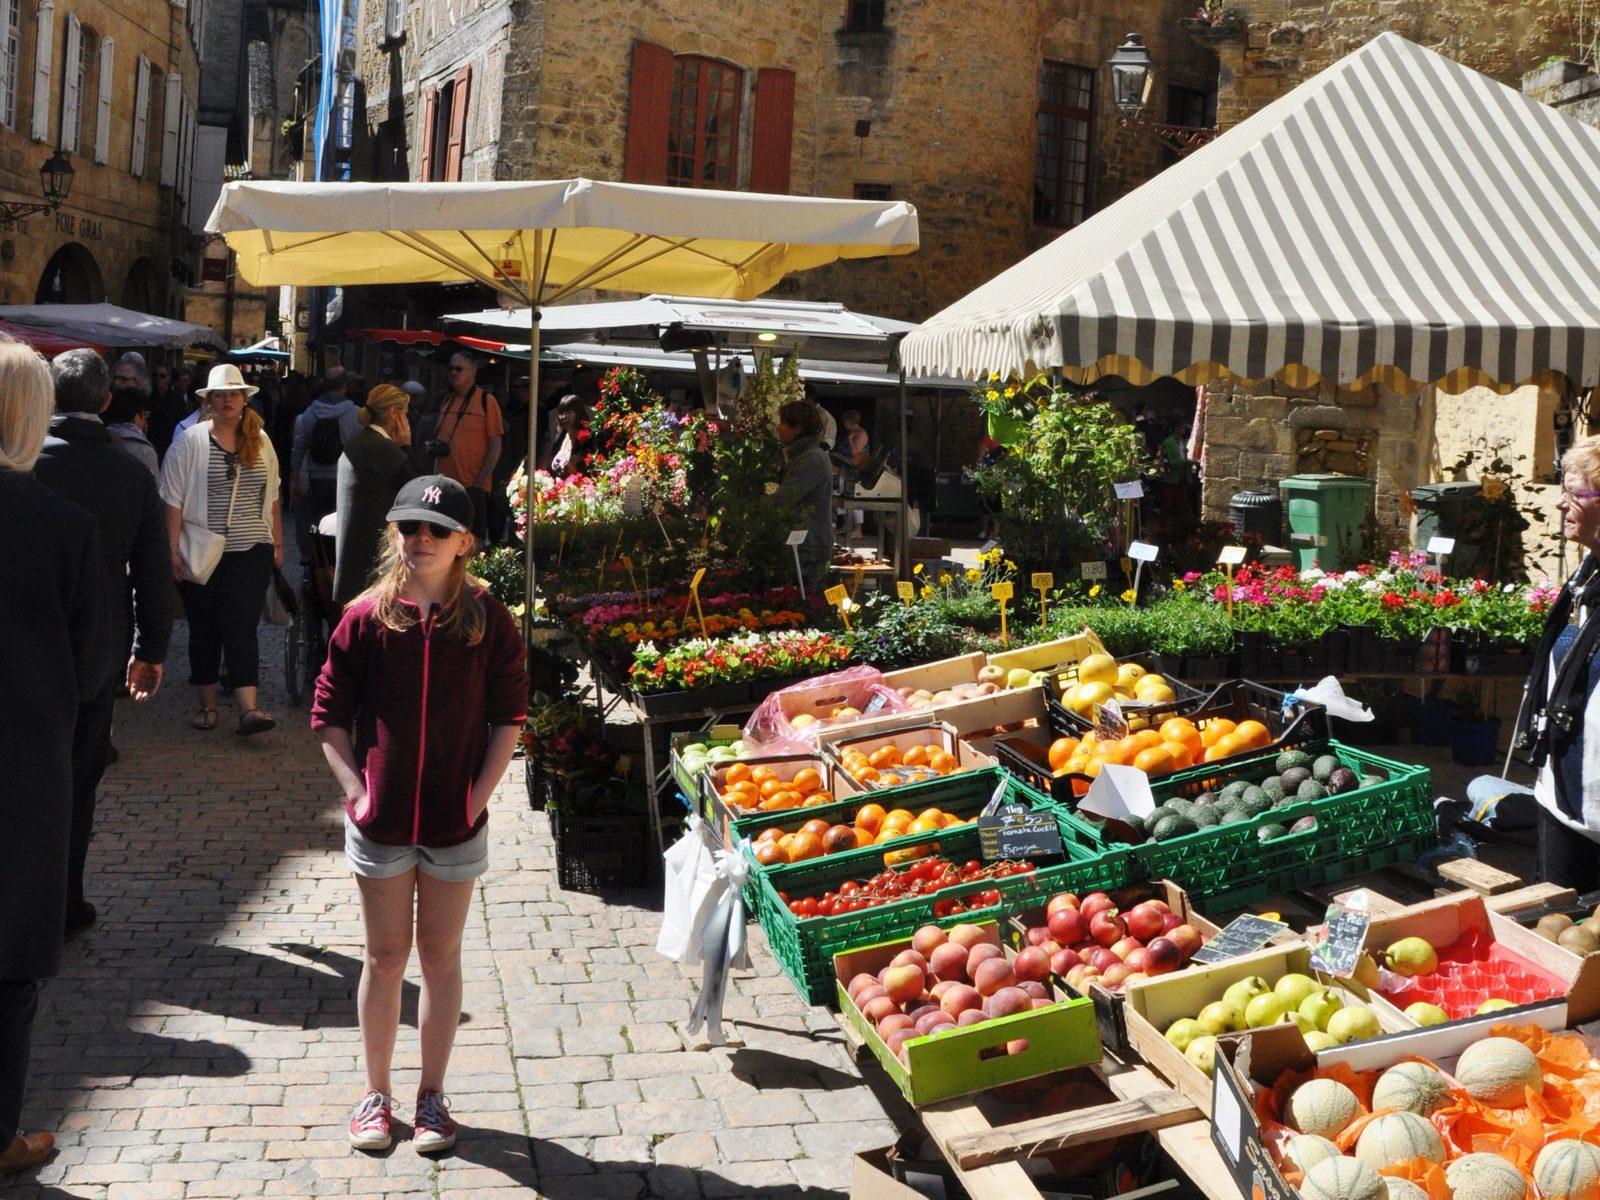 Vakantie, Dordogne, Frankrijk, vakantie met kinderen, vakantiehuizen, marktjes